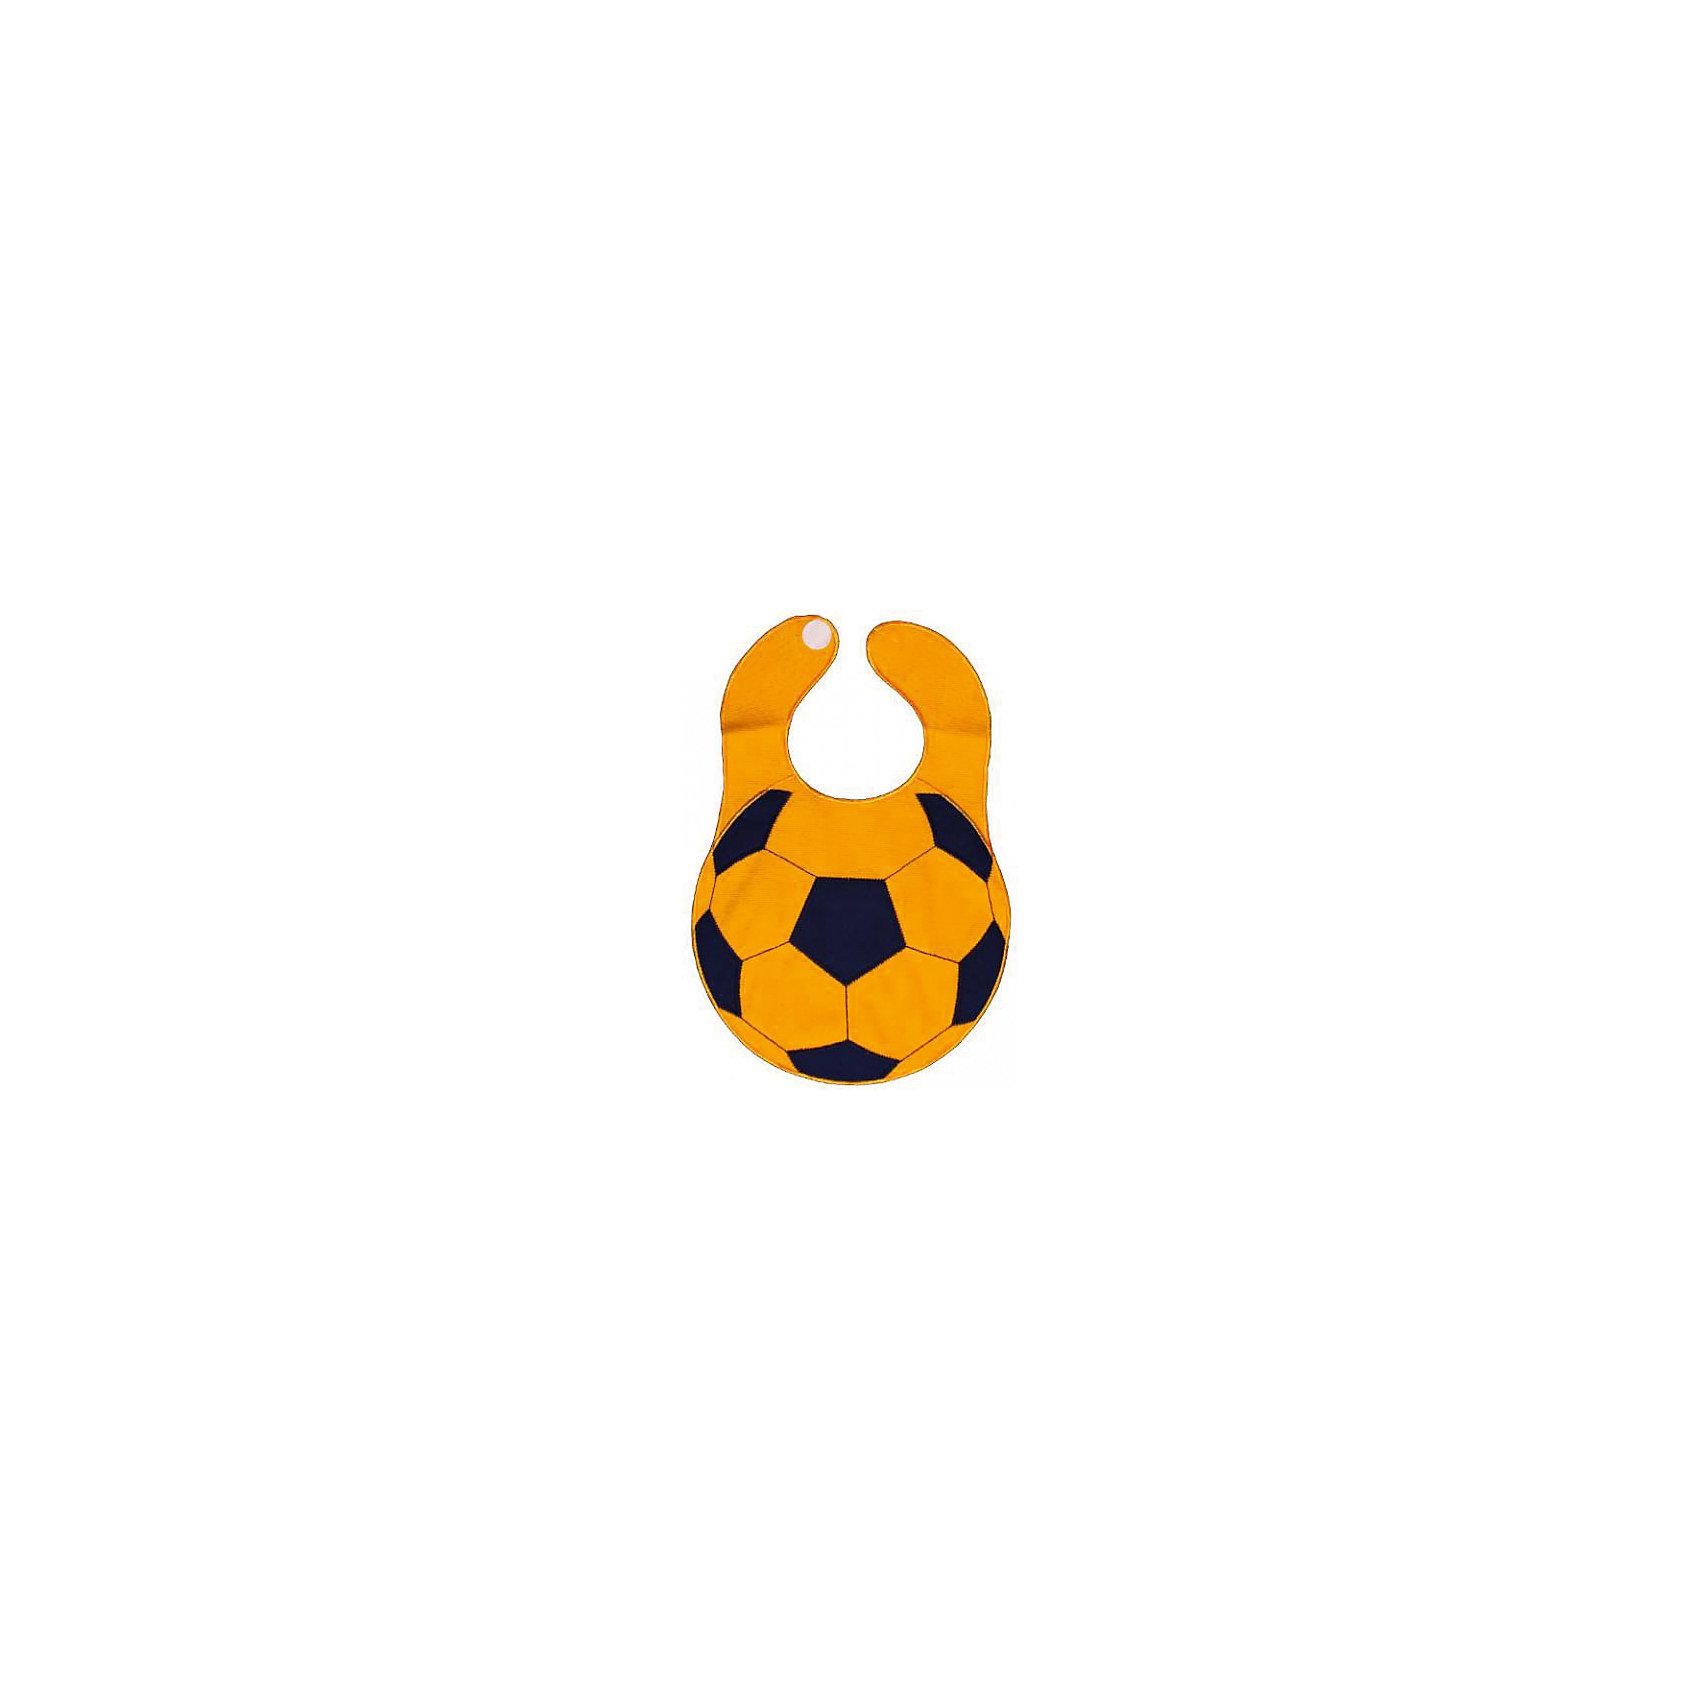 Нагрудник на липучке Футбольный мяч Sevi baby, желто-фиолетовыйНагрудник на липучке Футбольный мяч Sevi baby, желто-фиолетовый – яркий нагрудник сохранит одежду малыша чистой во время еды.<br>Нагрудник Sevi Baby в виде футбольного мяча прекрасно подойдет для кормления ребенка. Нагрудник выполнен из натуральной экологически чистой махровой ткани с уплотнёнными декоративными вставками из полиэстера. Махра отлично впитывает влагу и отличается гипоаллергенными свойствами. Обратная сторона нагрудника изготовлена из полиуретана, она не промокает, поэтому одежда малыша останется сухой, даже если он что-то пролил на себя. Нагрудник оснащен застежкой-липучкой. Sevi Baby - это одежда для самых маленьких, созданная с пониманием и заботой о комфорте и здоровье ребенка! Одежда Sevi Baby соответствует Международному стандарту Eko-Tex-Standard 100, группа 1 - Ткань, достойная доверия.<br><br>Дополнительная информация:<br><br>- Возраст: от 3 месяцев до 1 года<br>- Размер: 23 х 32 см.<br>- Диаметр горловины: 8 см.<br>- Цвет: желтый, фиолетовый<br>- Материал: полиэстер, хлопок, полиуретан<br>- Размер упаковки: 36 х 24 х 5 см.<br><br>Нагрудник на липучке Футбольный мяч Sevi baby, желто-фиолетовый можно купить в нашем интернет-магазине.<br><br>Ширина мм: 360<br>Глубина мм: 240<br>Высота мм: 50<br>Вес г: 100<br>Цвет: желтый<br>Возраст от месяцев: 3<br>Возраст до месяцев: 12<br>Пол: Женский<br>Возраст: Детский<br>SKU: 4236867